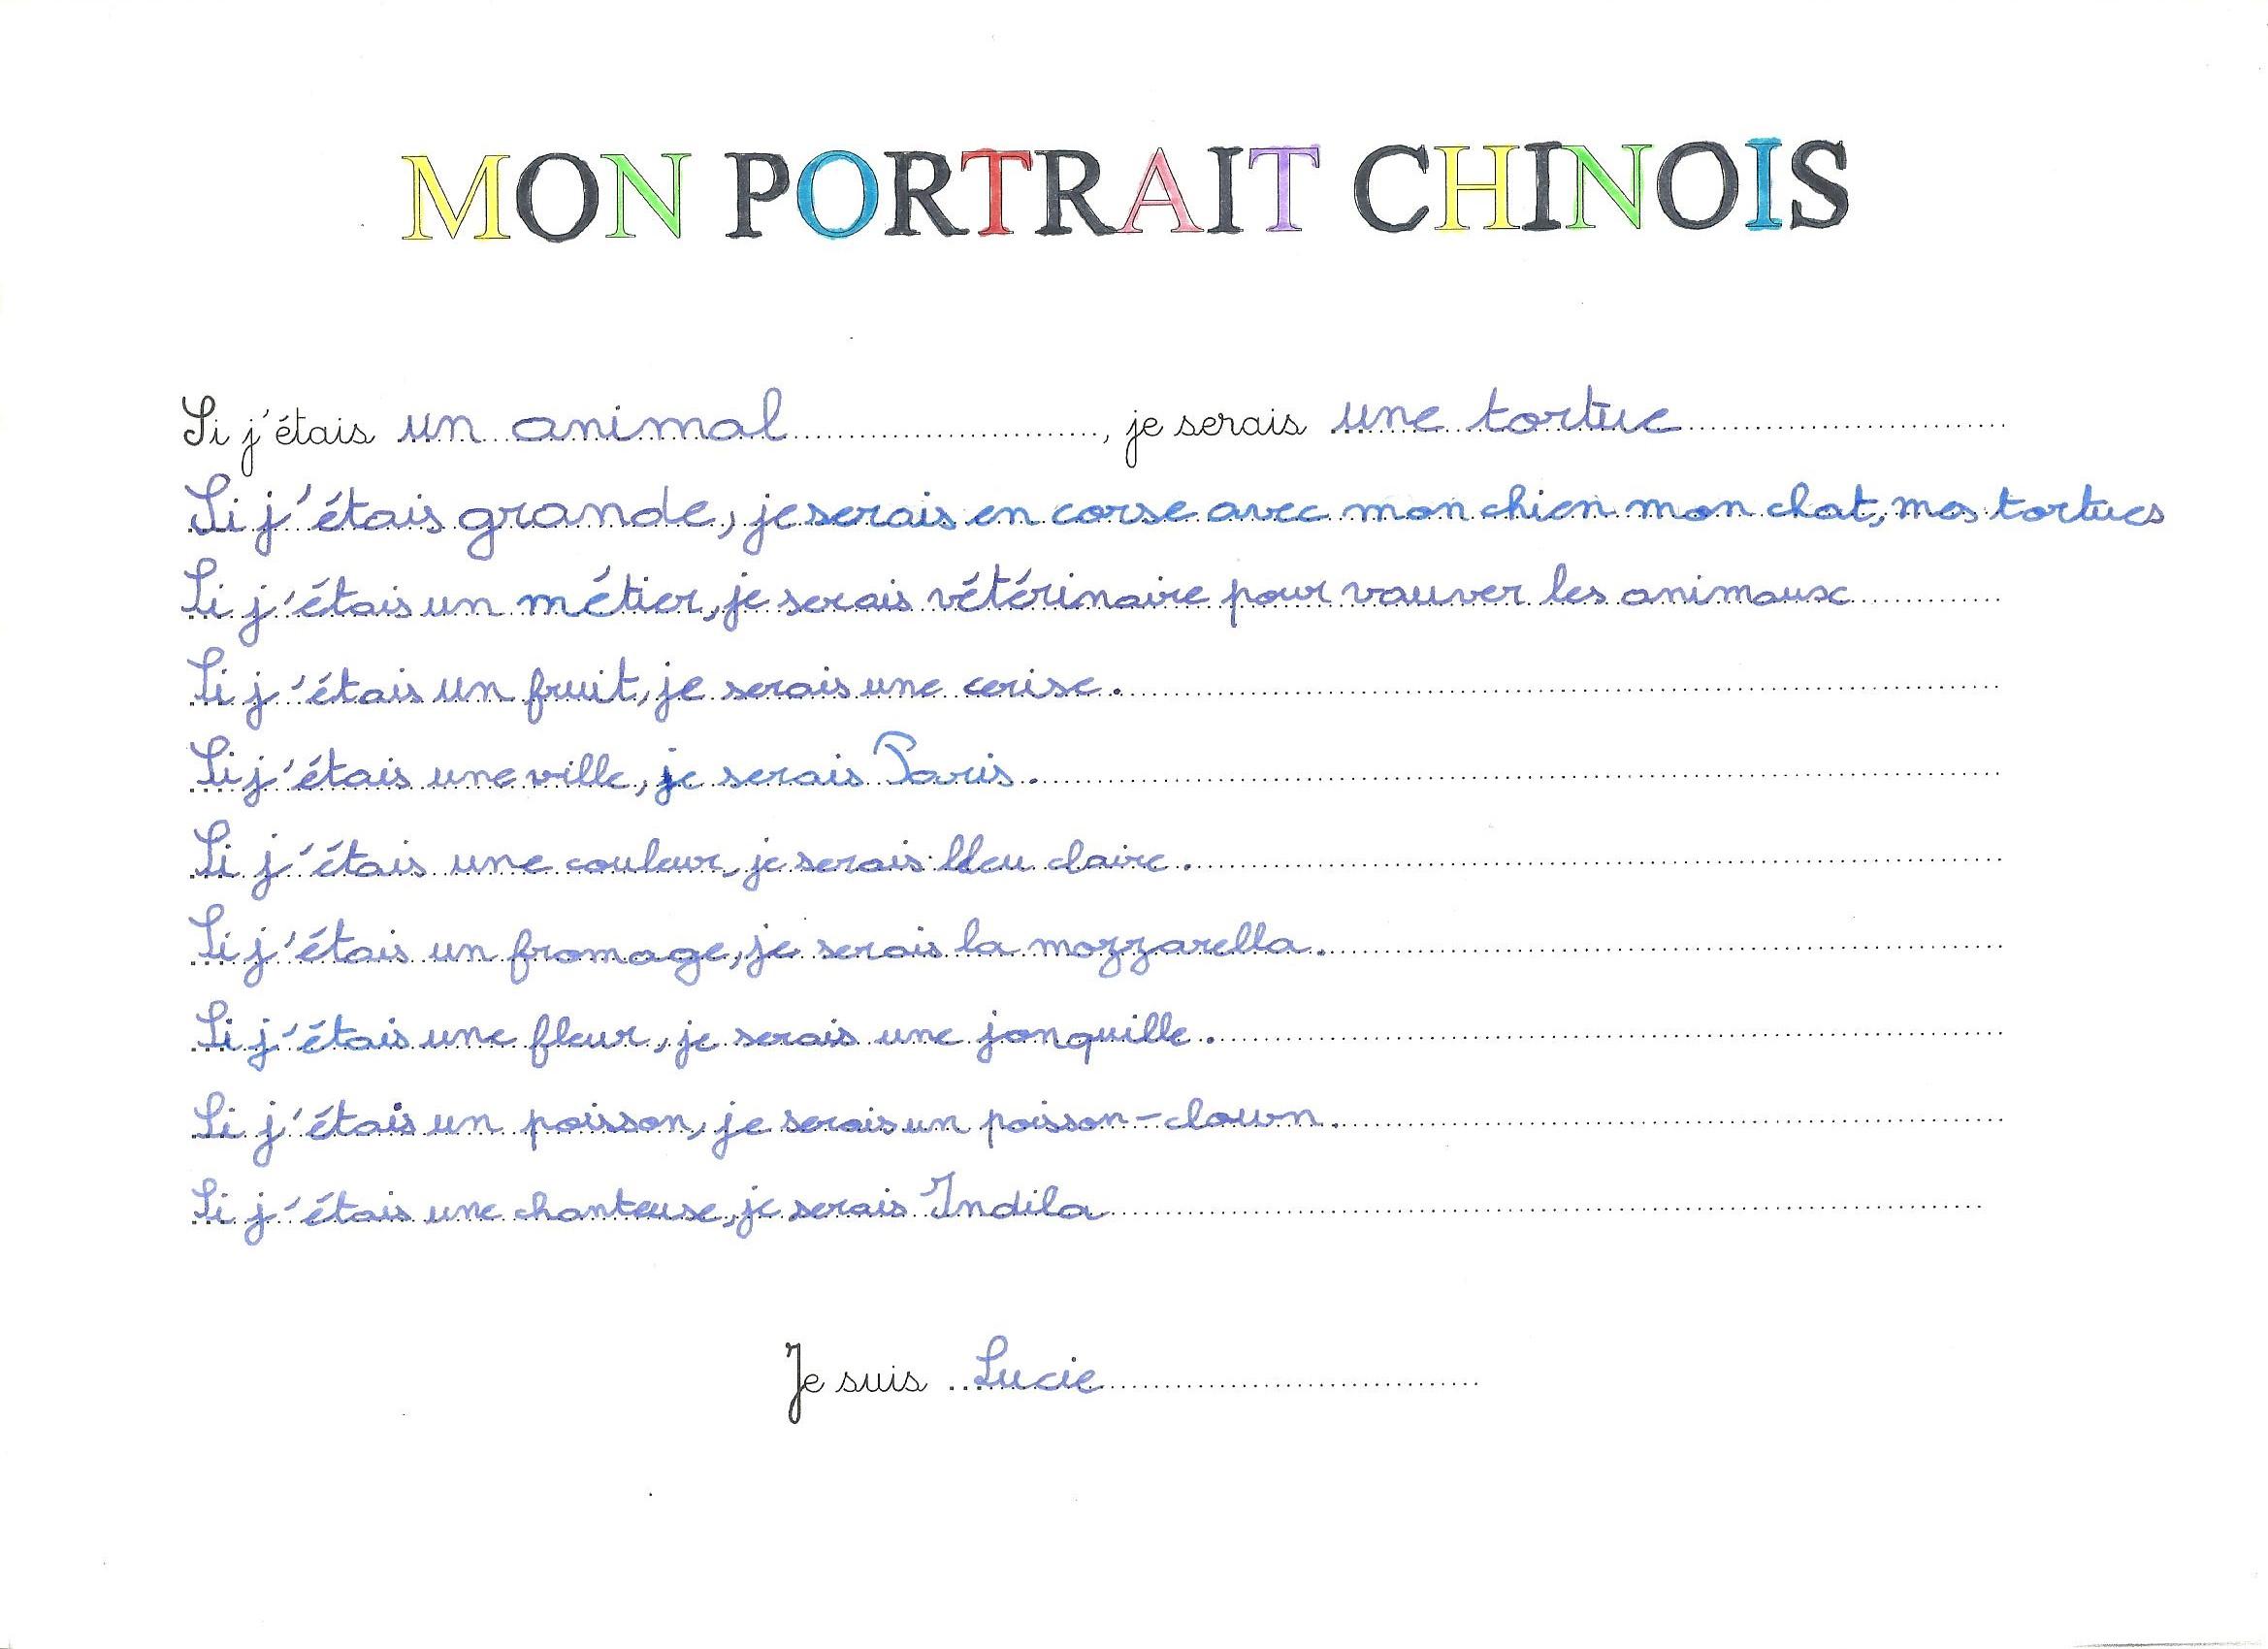 Ecole Jean Loup Chrétien Fauville En Caux Portrait Chinois Des